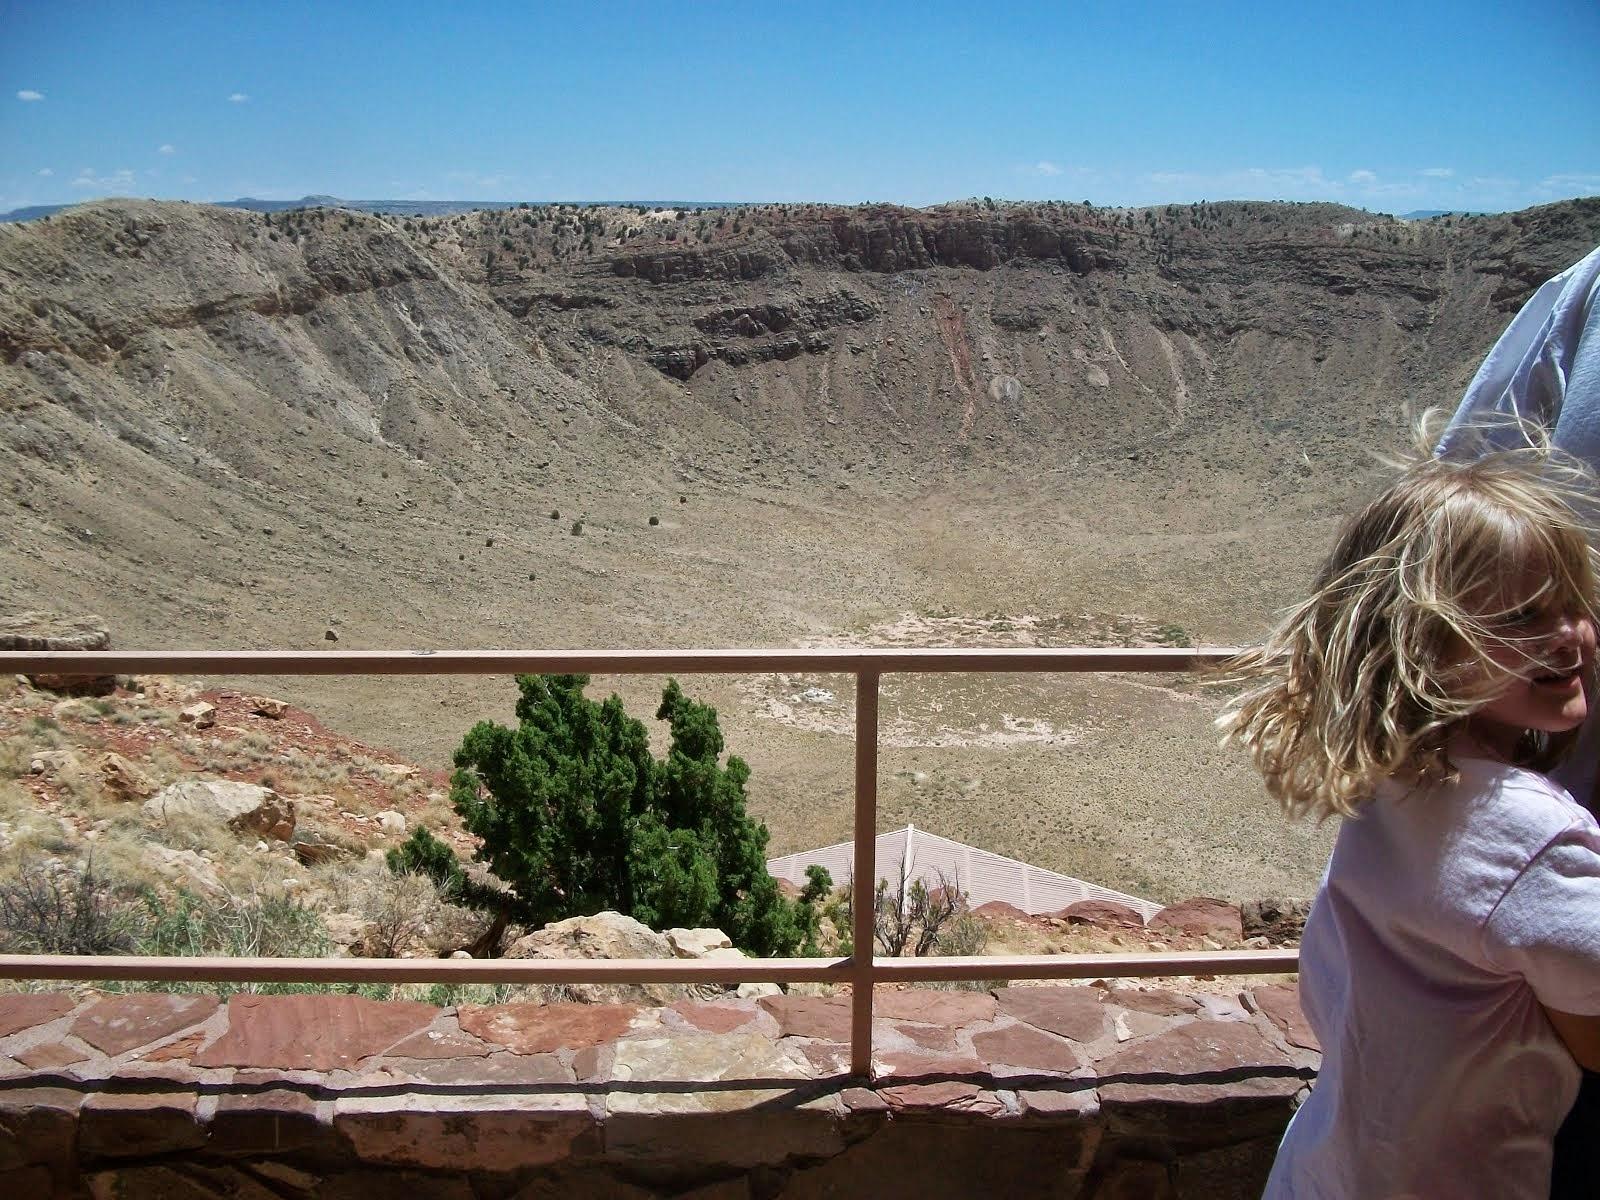 Eden @ Meteor Crater